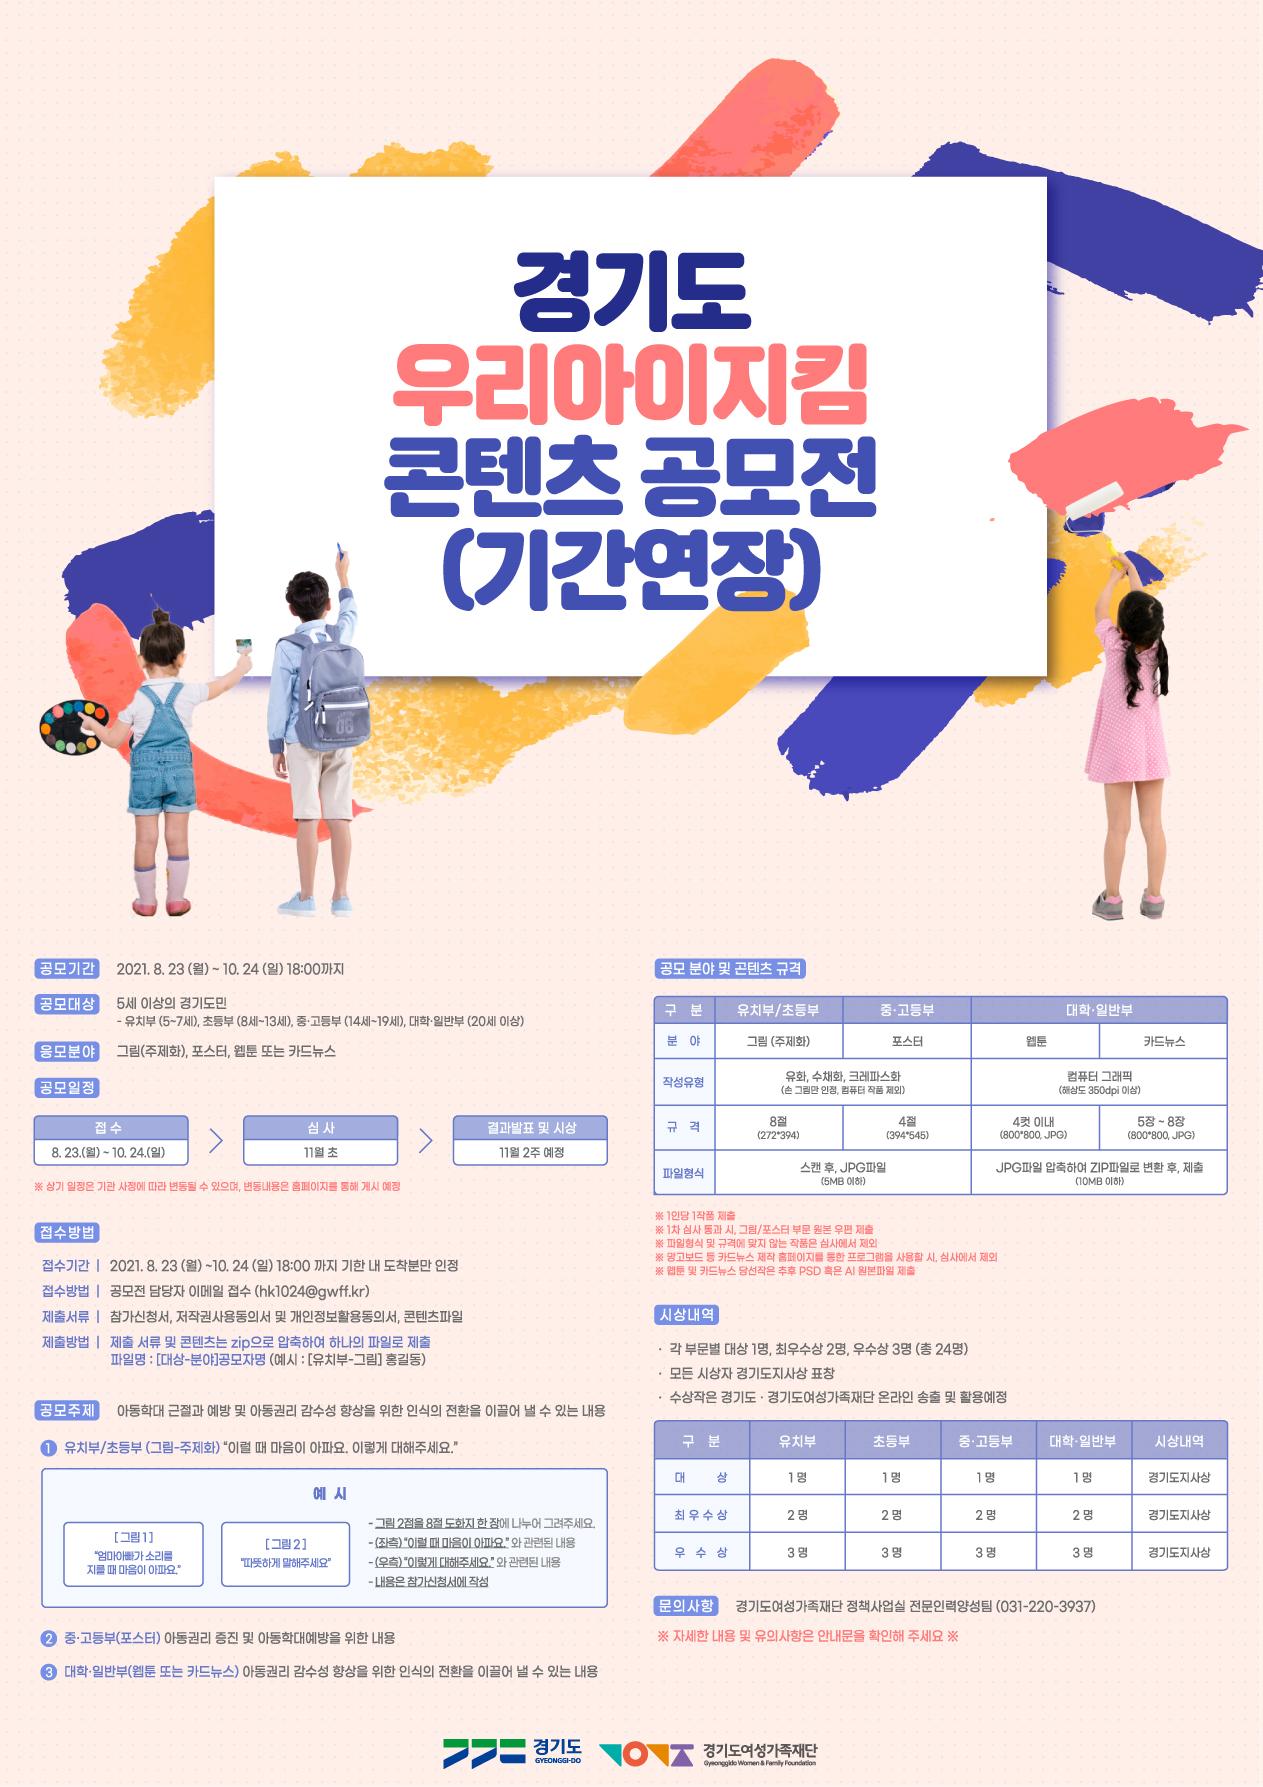 2021 경기도 「우리아이지킴 콘텐츠 공모전」